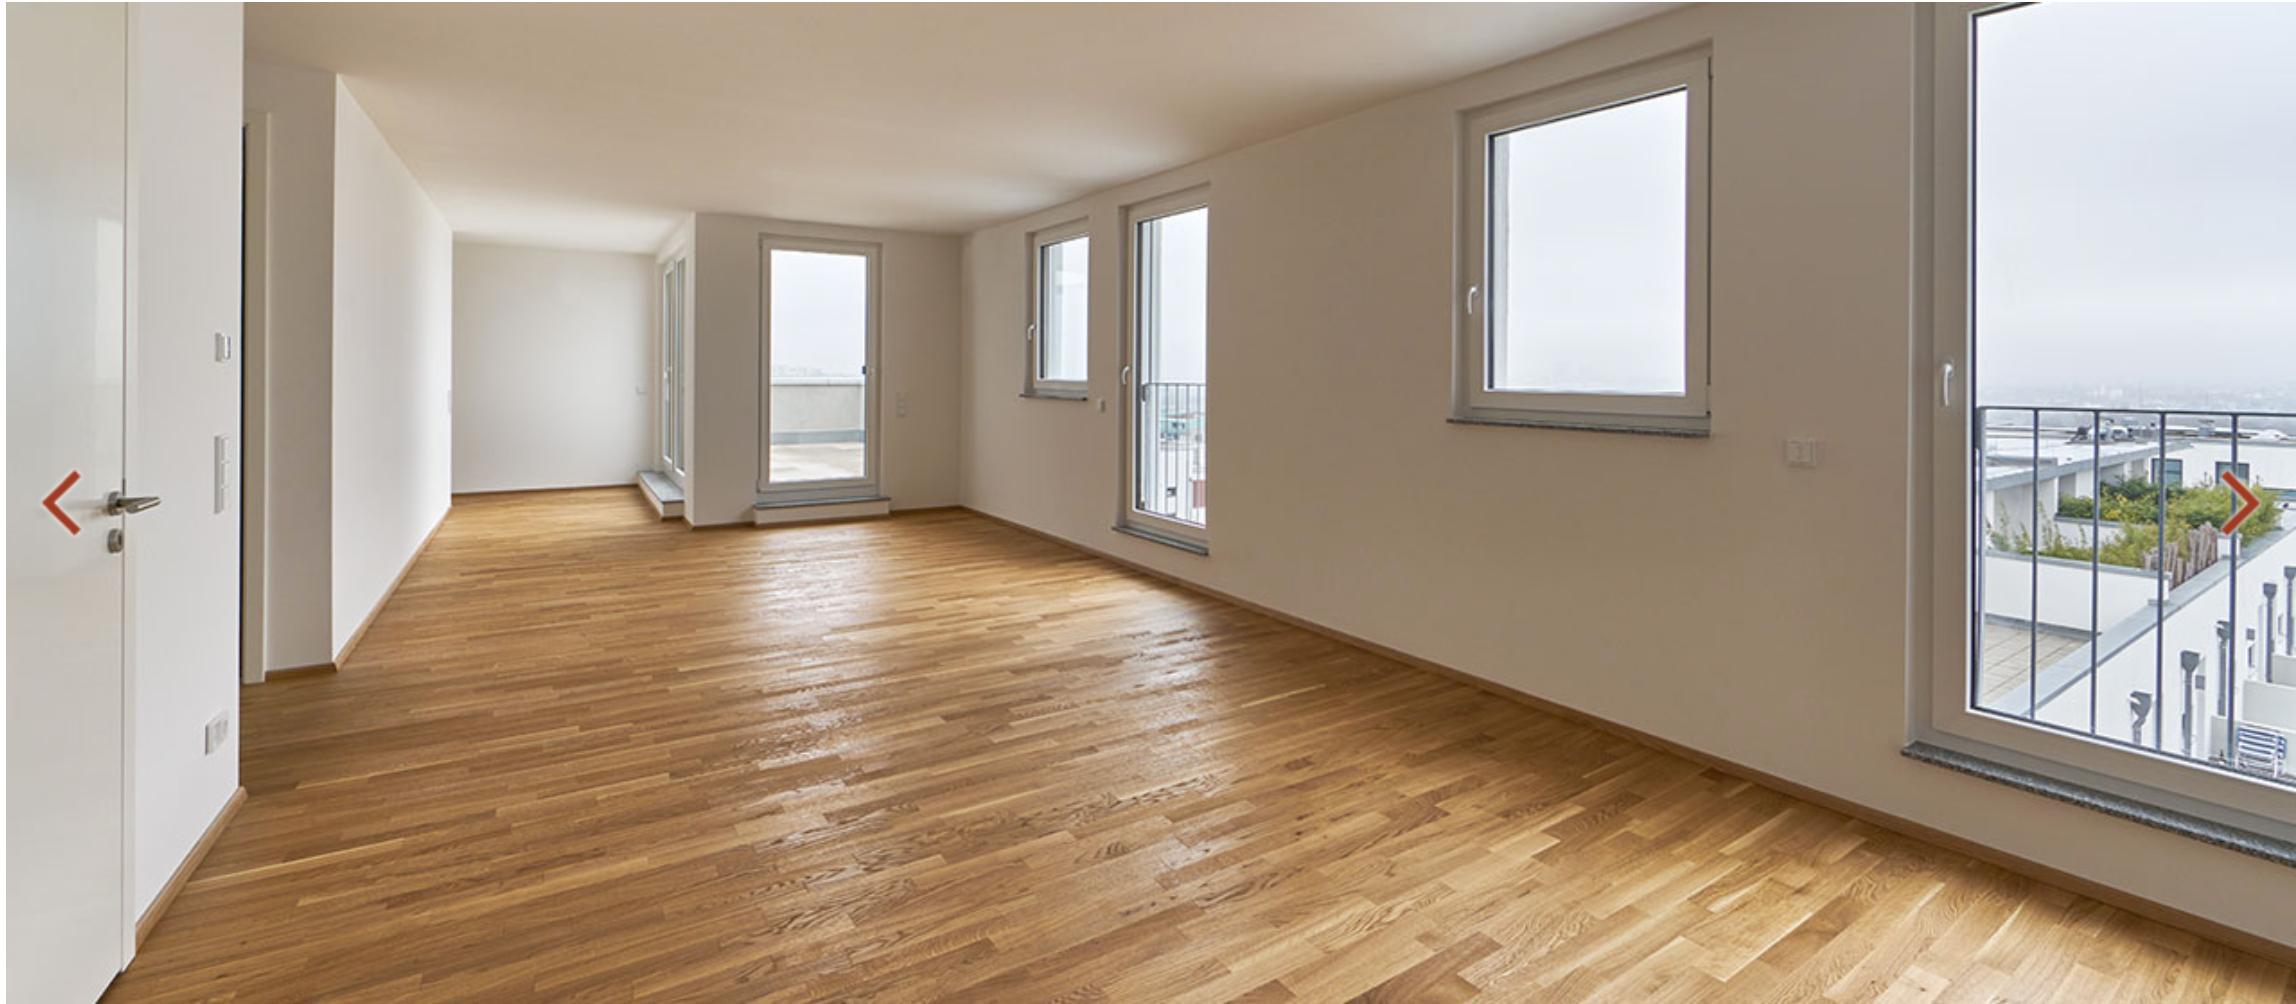 Neubau Riedberg Wohnungen 2- , 3- , 4- Zimmer Wohnungen  -  nur noch wenige verfügbar!